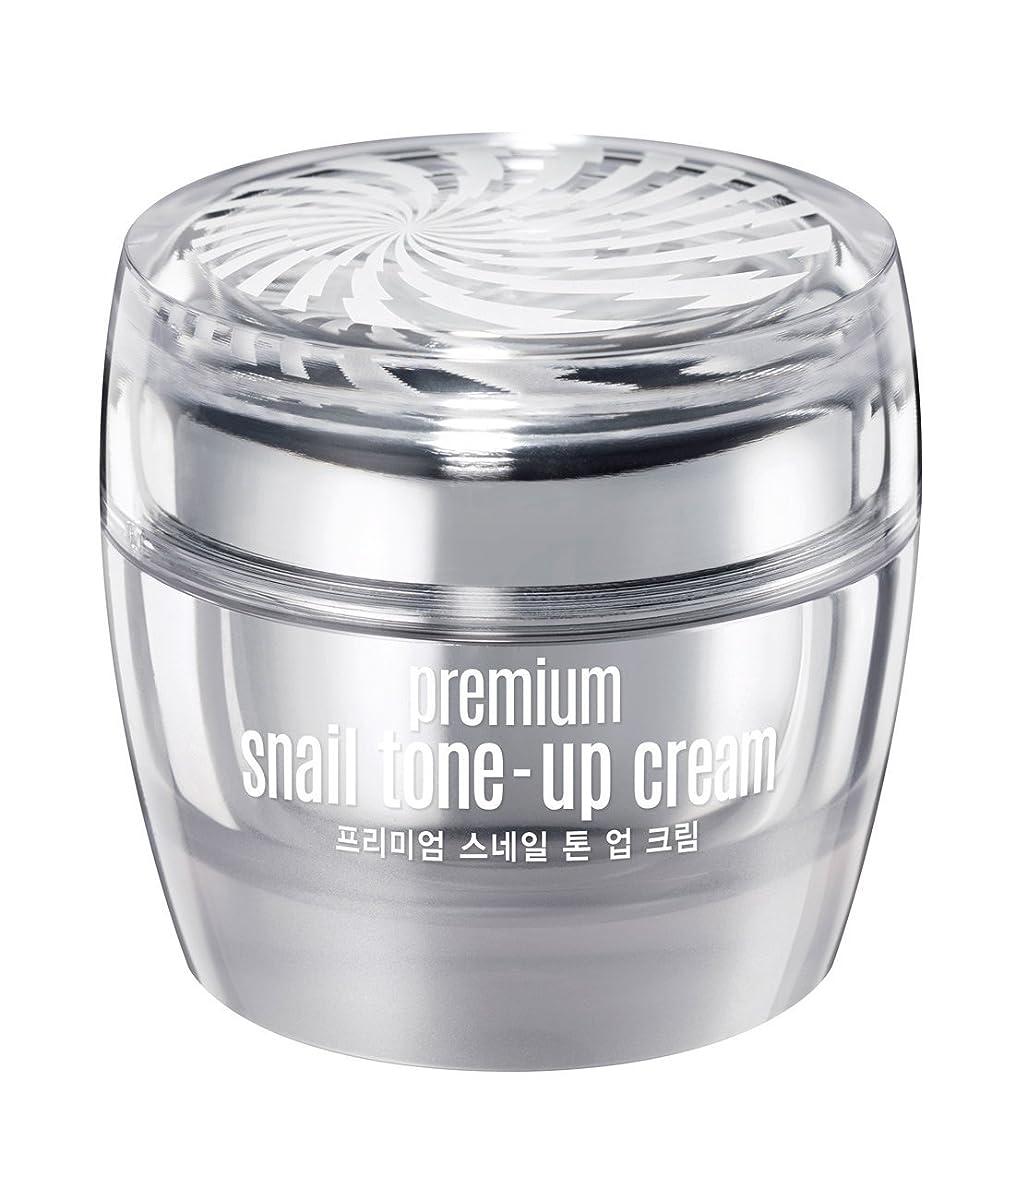 是正する必要としているトランクライブラリGoodal Premium Snail Tone Up Whitening Cream 50ml プレミアムカタツムリトーンアップクリーム